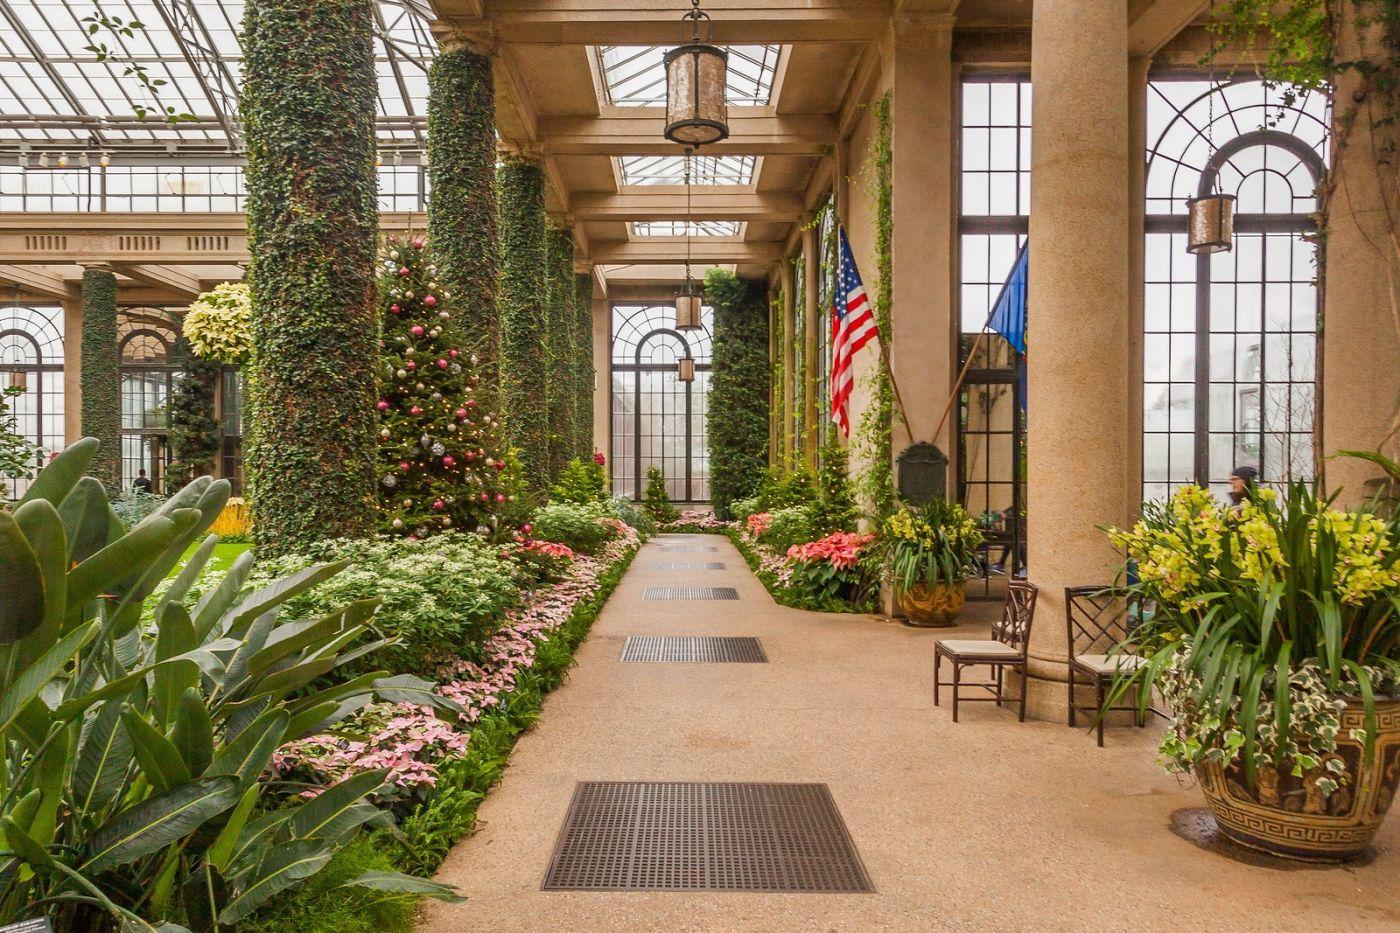 宾州长木公园,室内花园美如画_图1-18